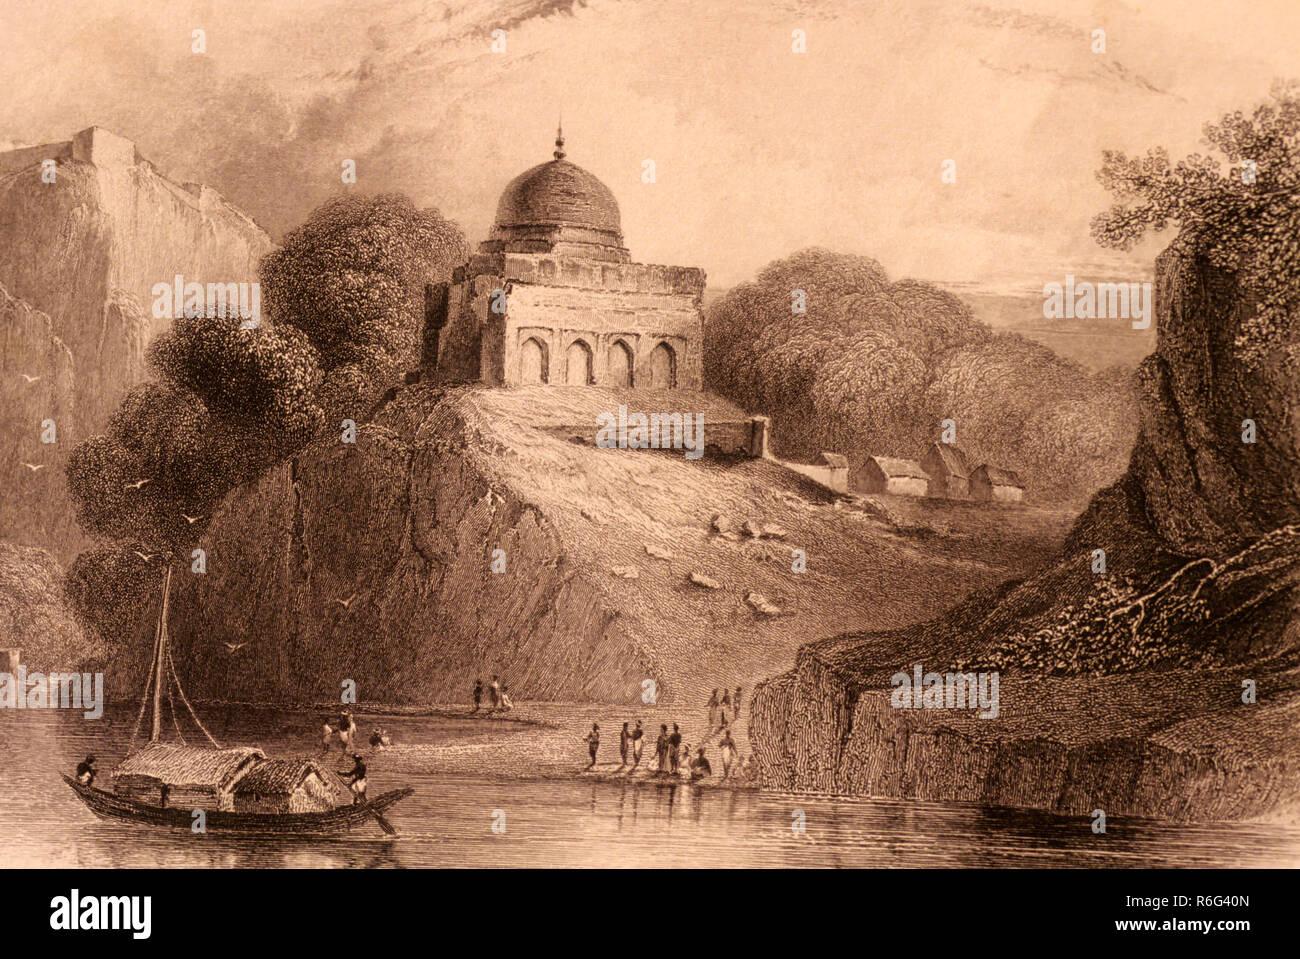 Lithograph, painting of bundelkhund, uttar pradesh, india - Stock Image